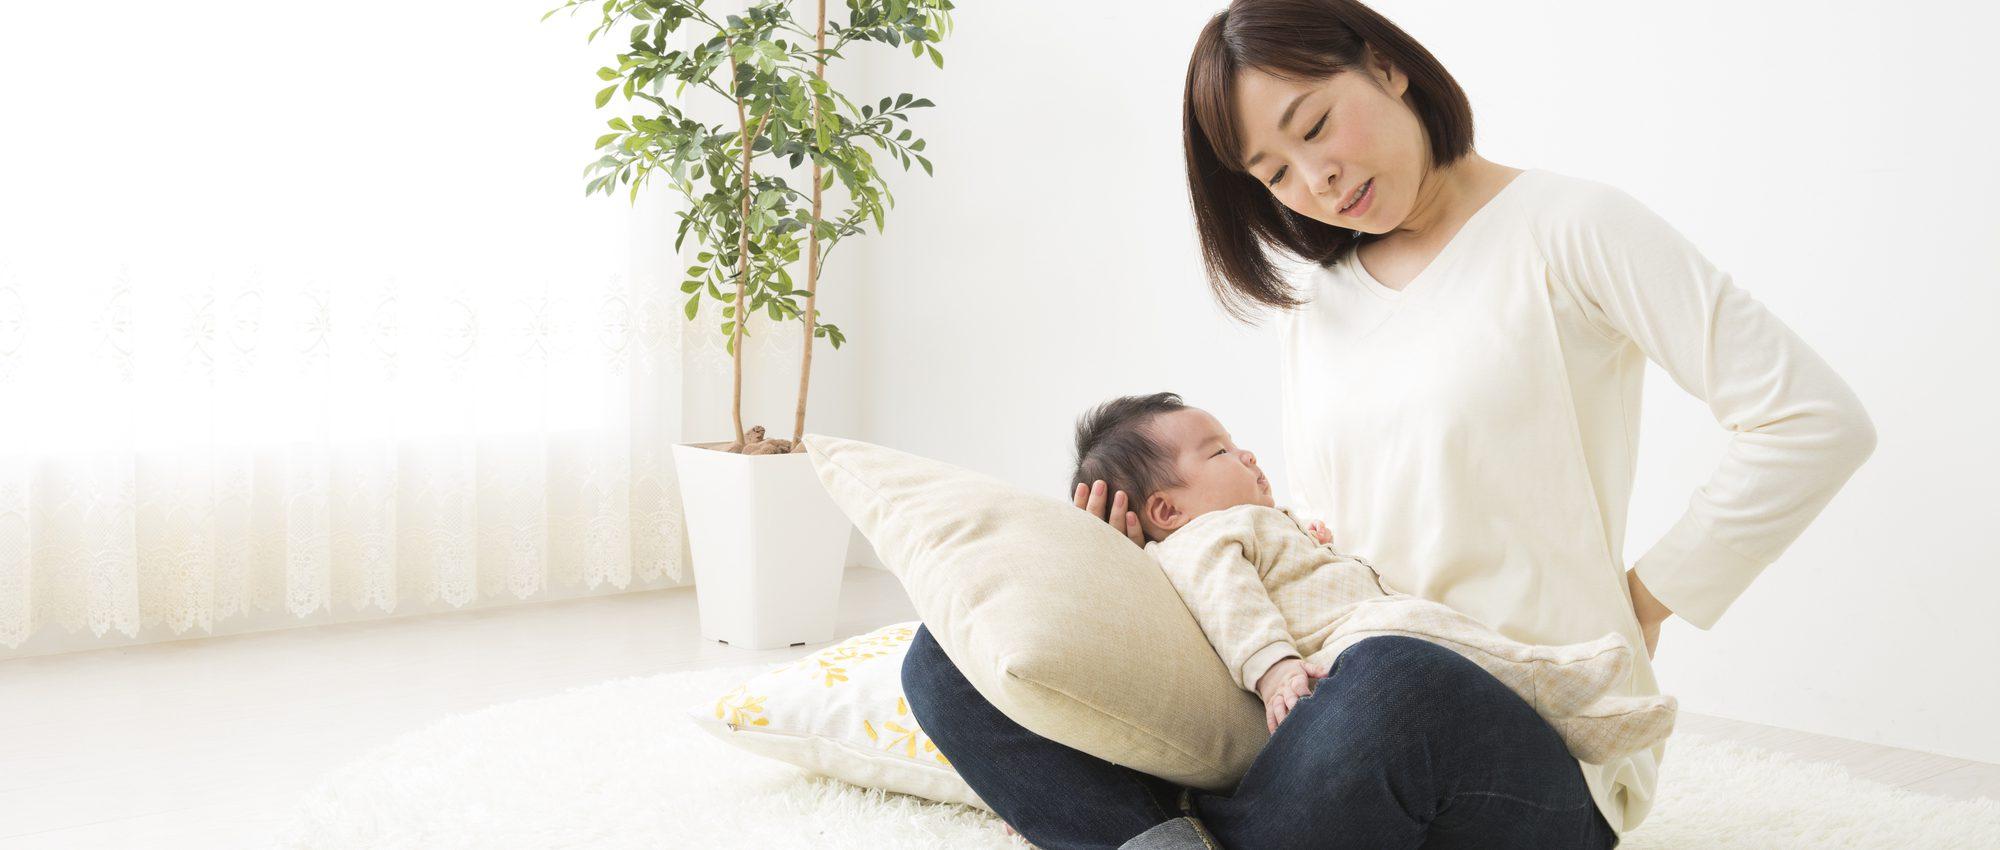 産後に多い症状